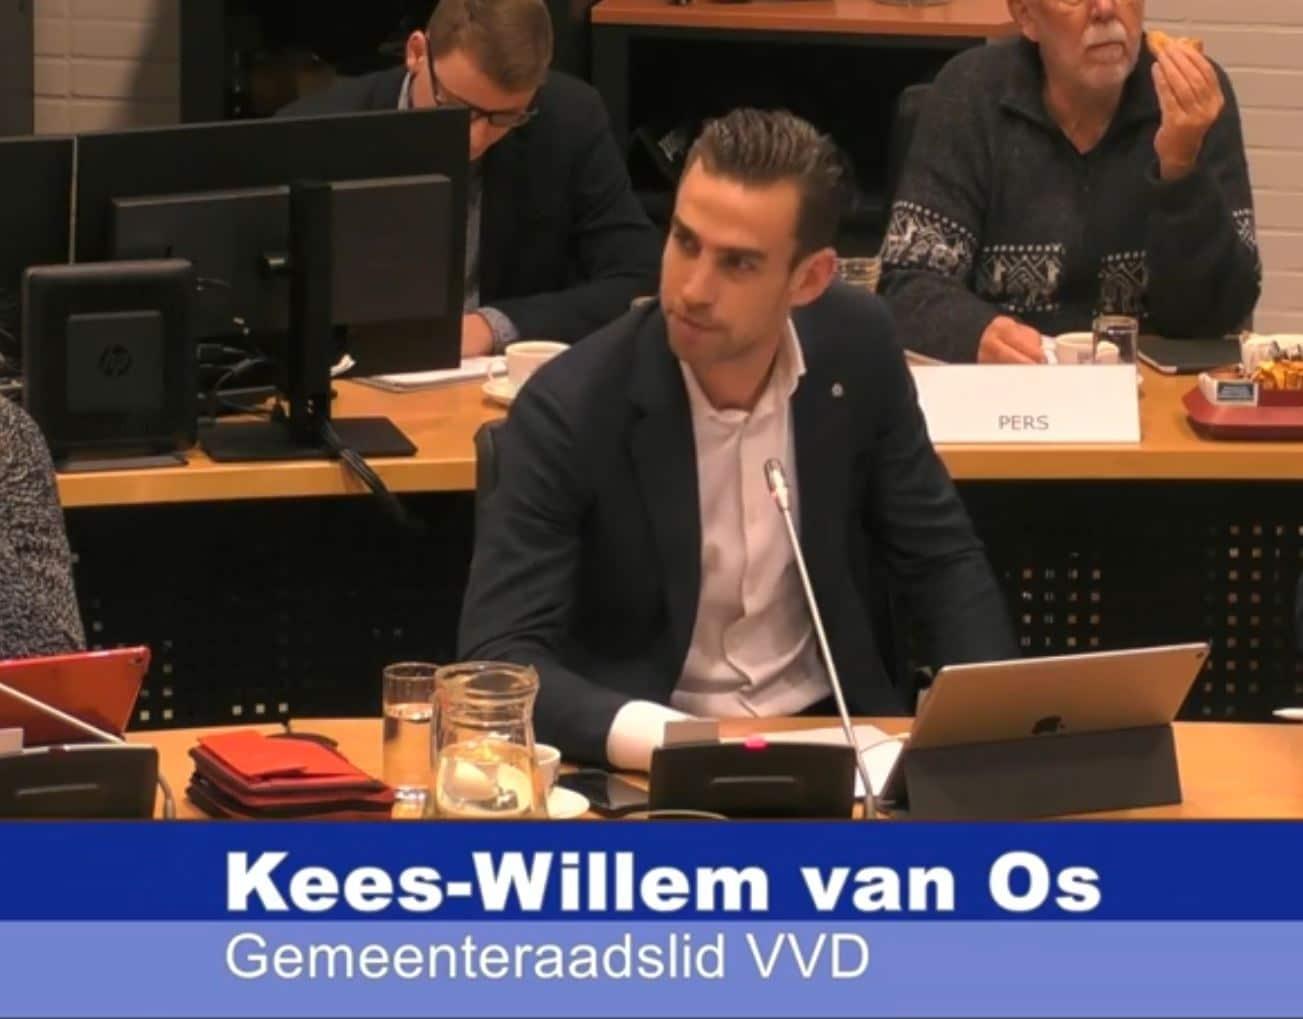 Kees-Willem van Os terug naar de VVD